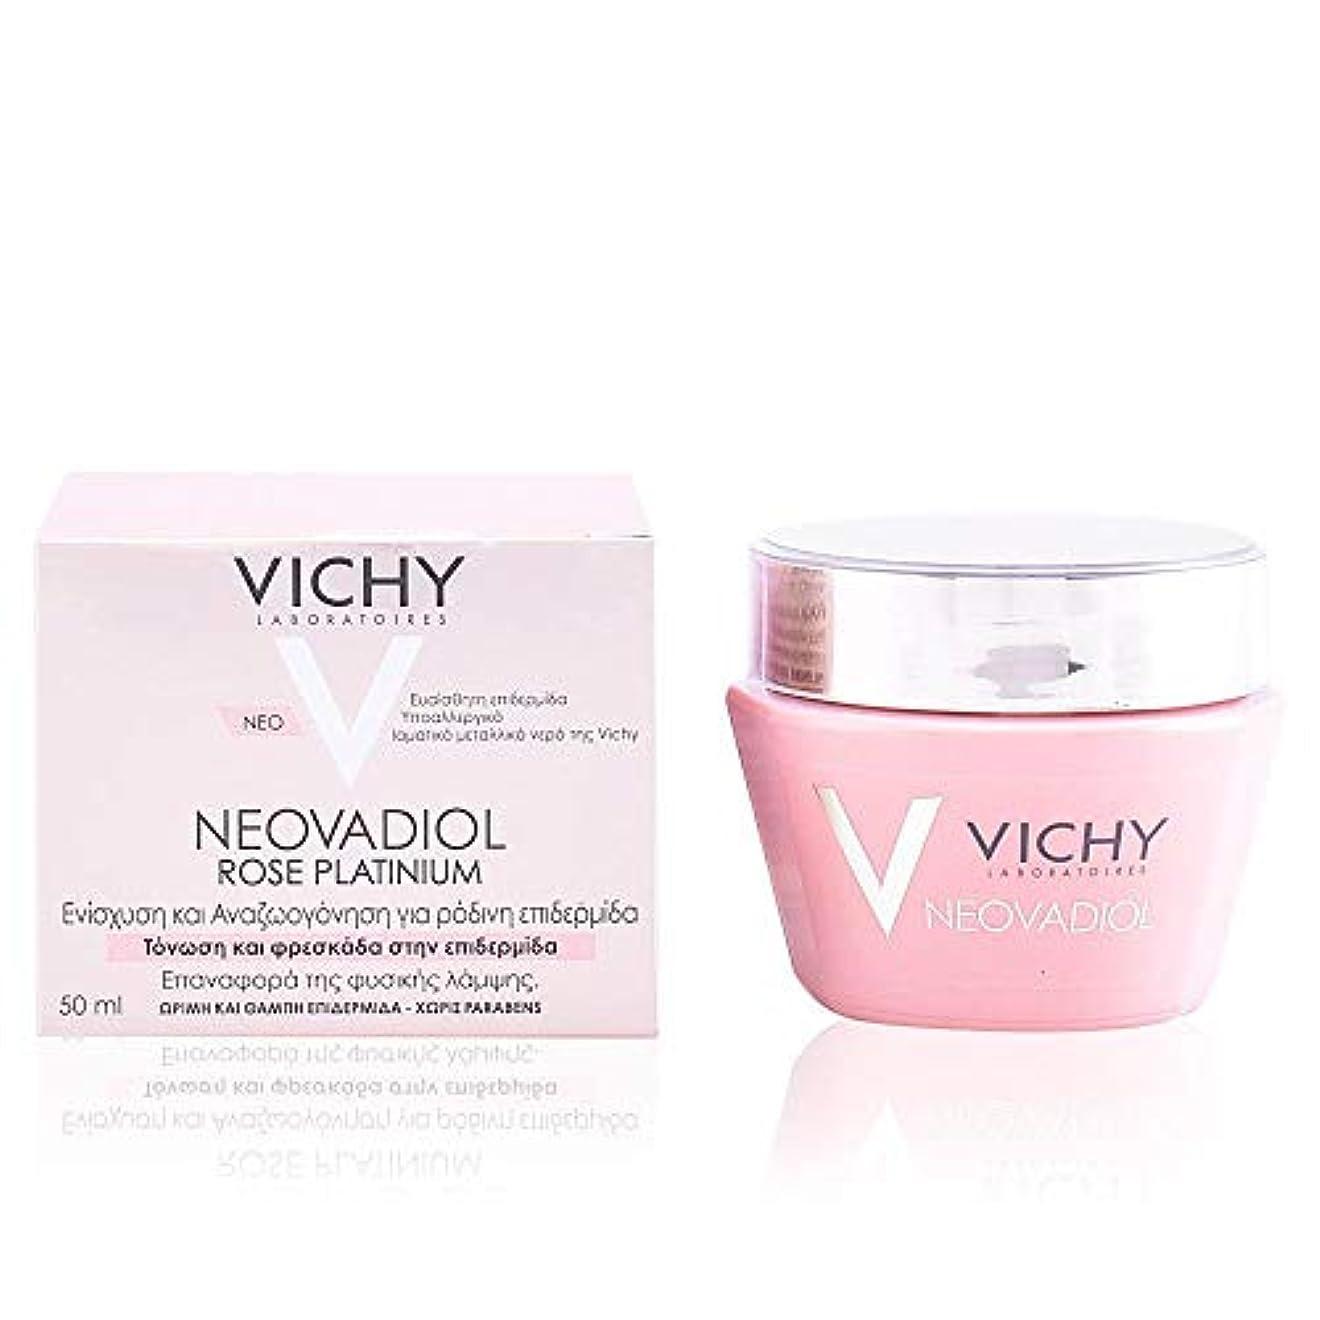 シルエットナチュラル大通りVichy Neovadiol Rose Platinium Cream 50ml [並行輸入品]